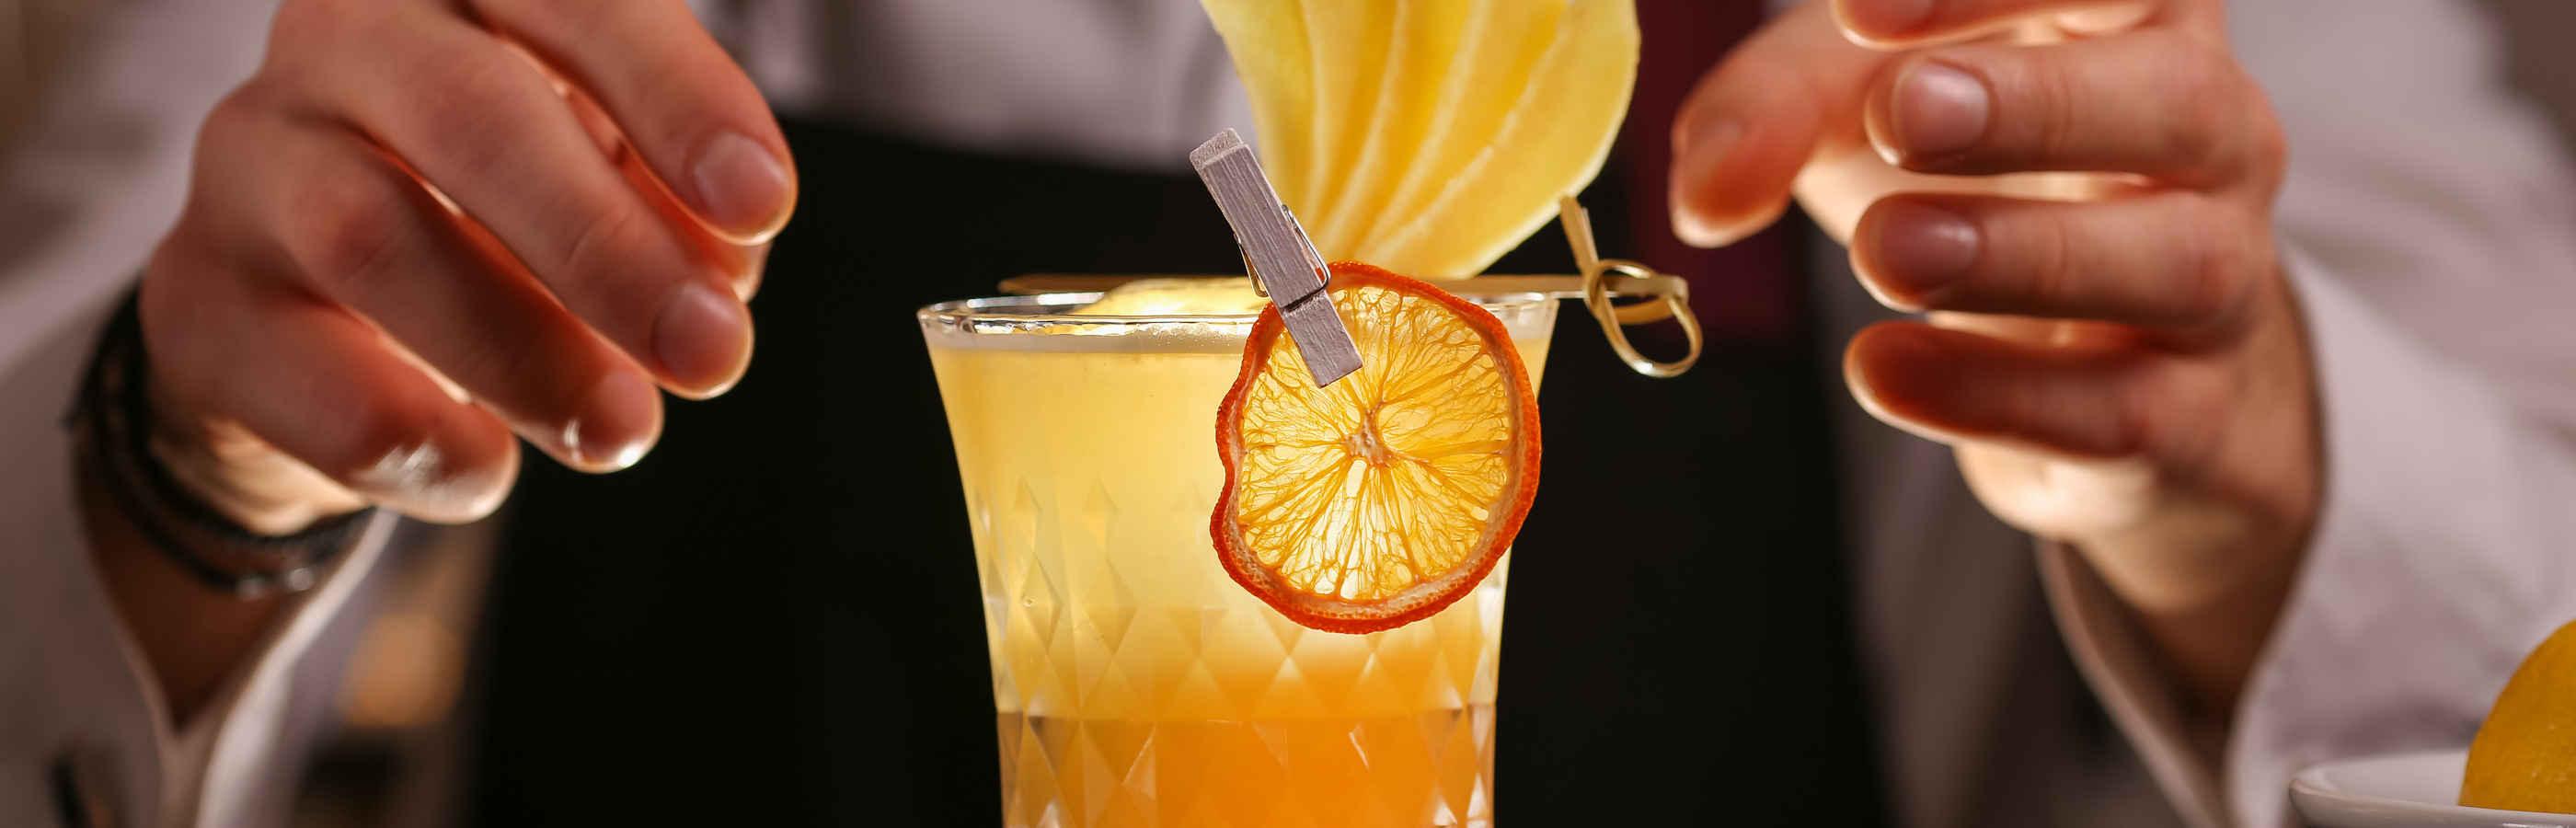 Mit Monin Sirup gelingt ihnen immer der perfekte Cocktail